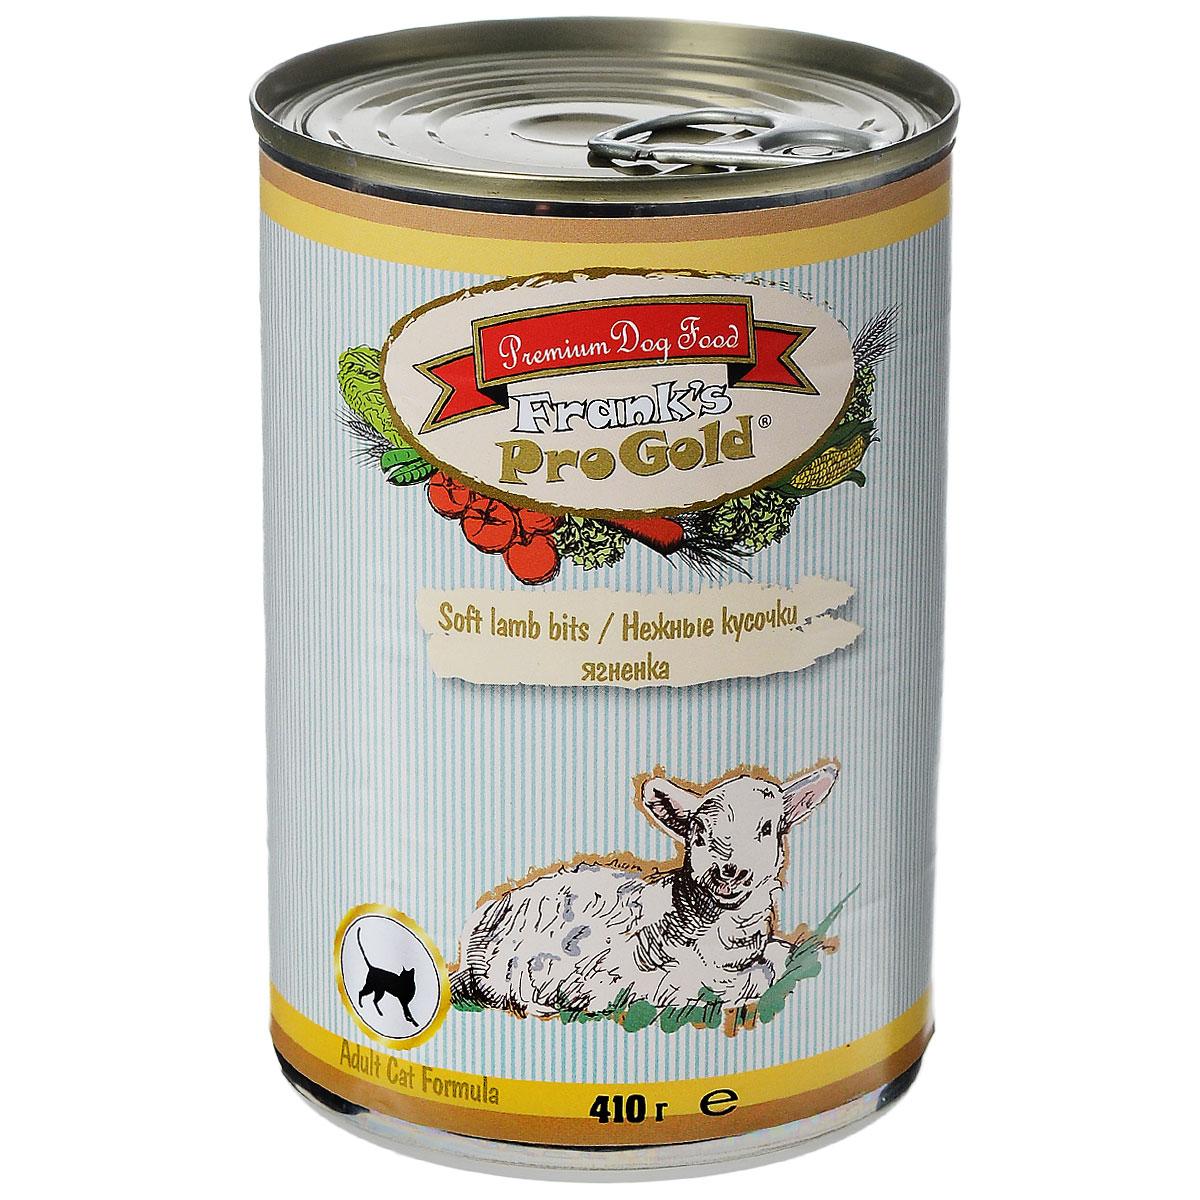 Консервы для кошек Franks ProGold, с ягненком, 410 г24714Консервы для кошек Franks ProGold - полнорационный продукт, содержащий все необходимые витамины и минералы, сбалансированный для поддержания оптимального здоровья вашего питомца! Ваш любимец, безусловно, оценит нежнейшие кусочки мяса в желе! Произведенные из натуральных ингредиентов, консервы Franks Pro Gold не содержат ГМО, сою, искусственных красителей, консервантов и усилителей вкуса. Состав: мясо курицы, ягненок, мясо и его производные, злаки, витамины и минералы. Пищевая ценность: влажность 81%,белки 6,5%, жиры 4,5%, зола 2%, клетчатка 0,5%. Добавки: витамин A 1600 IU, витамин D 140 IU, витамин E 10 IU, таурин 300 мг/кг, железо E1 24 мг/кг, марганец E5 6 мг/кг, цинк E6 15 мг/кг, йодин E2 0,3 мг/кг. Калорийность: 393,6 ккал. Товар сертифицирован.